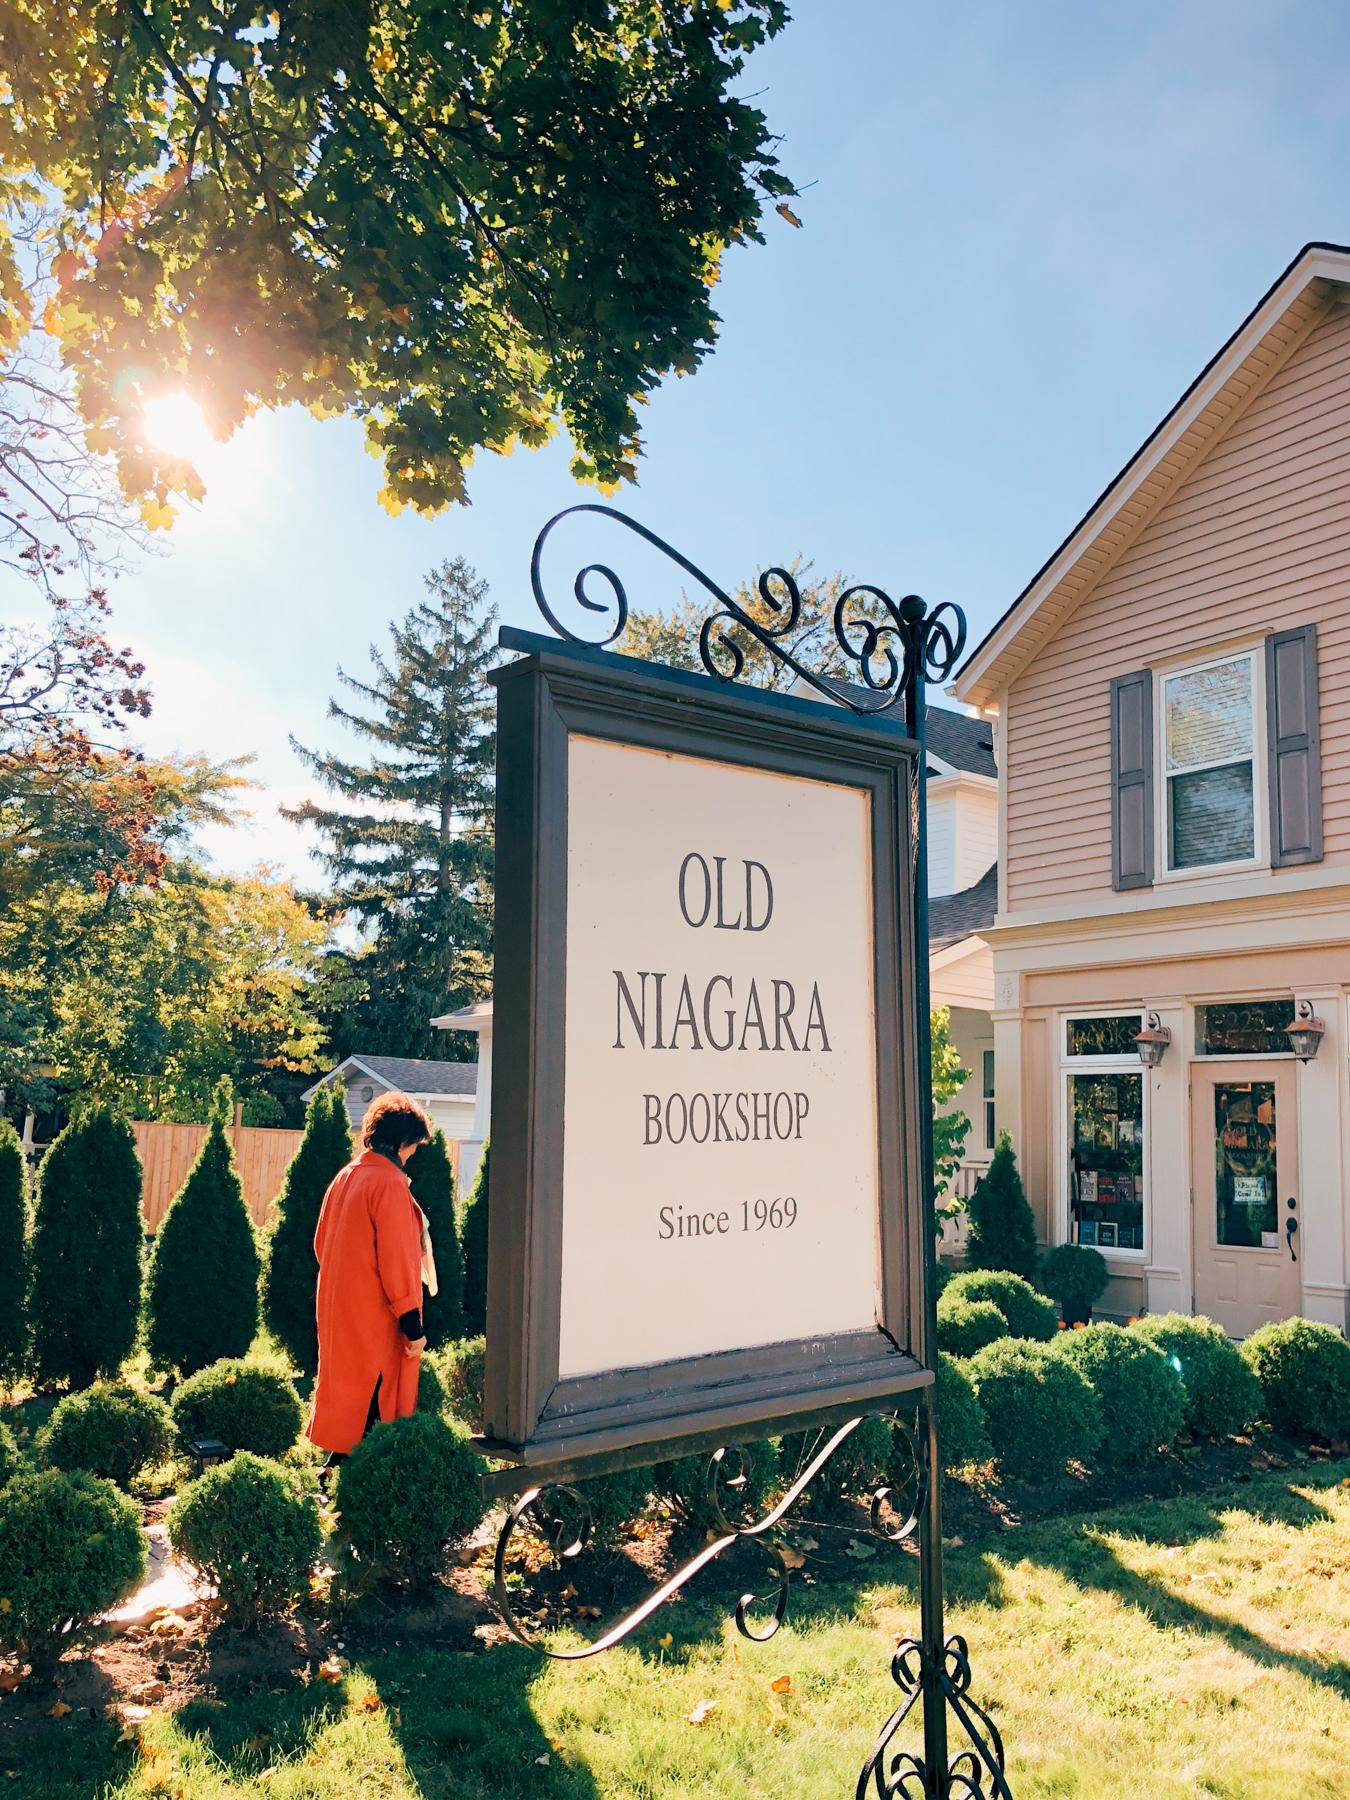 The Old Niagara Bookshop